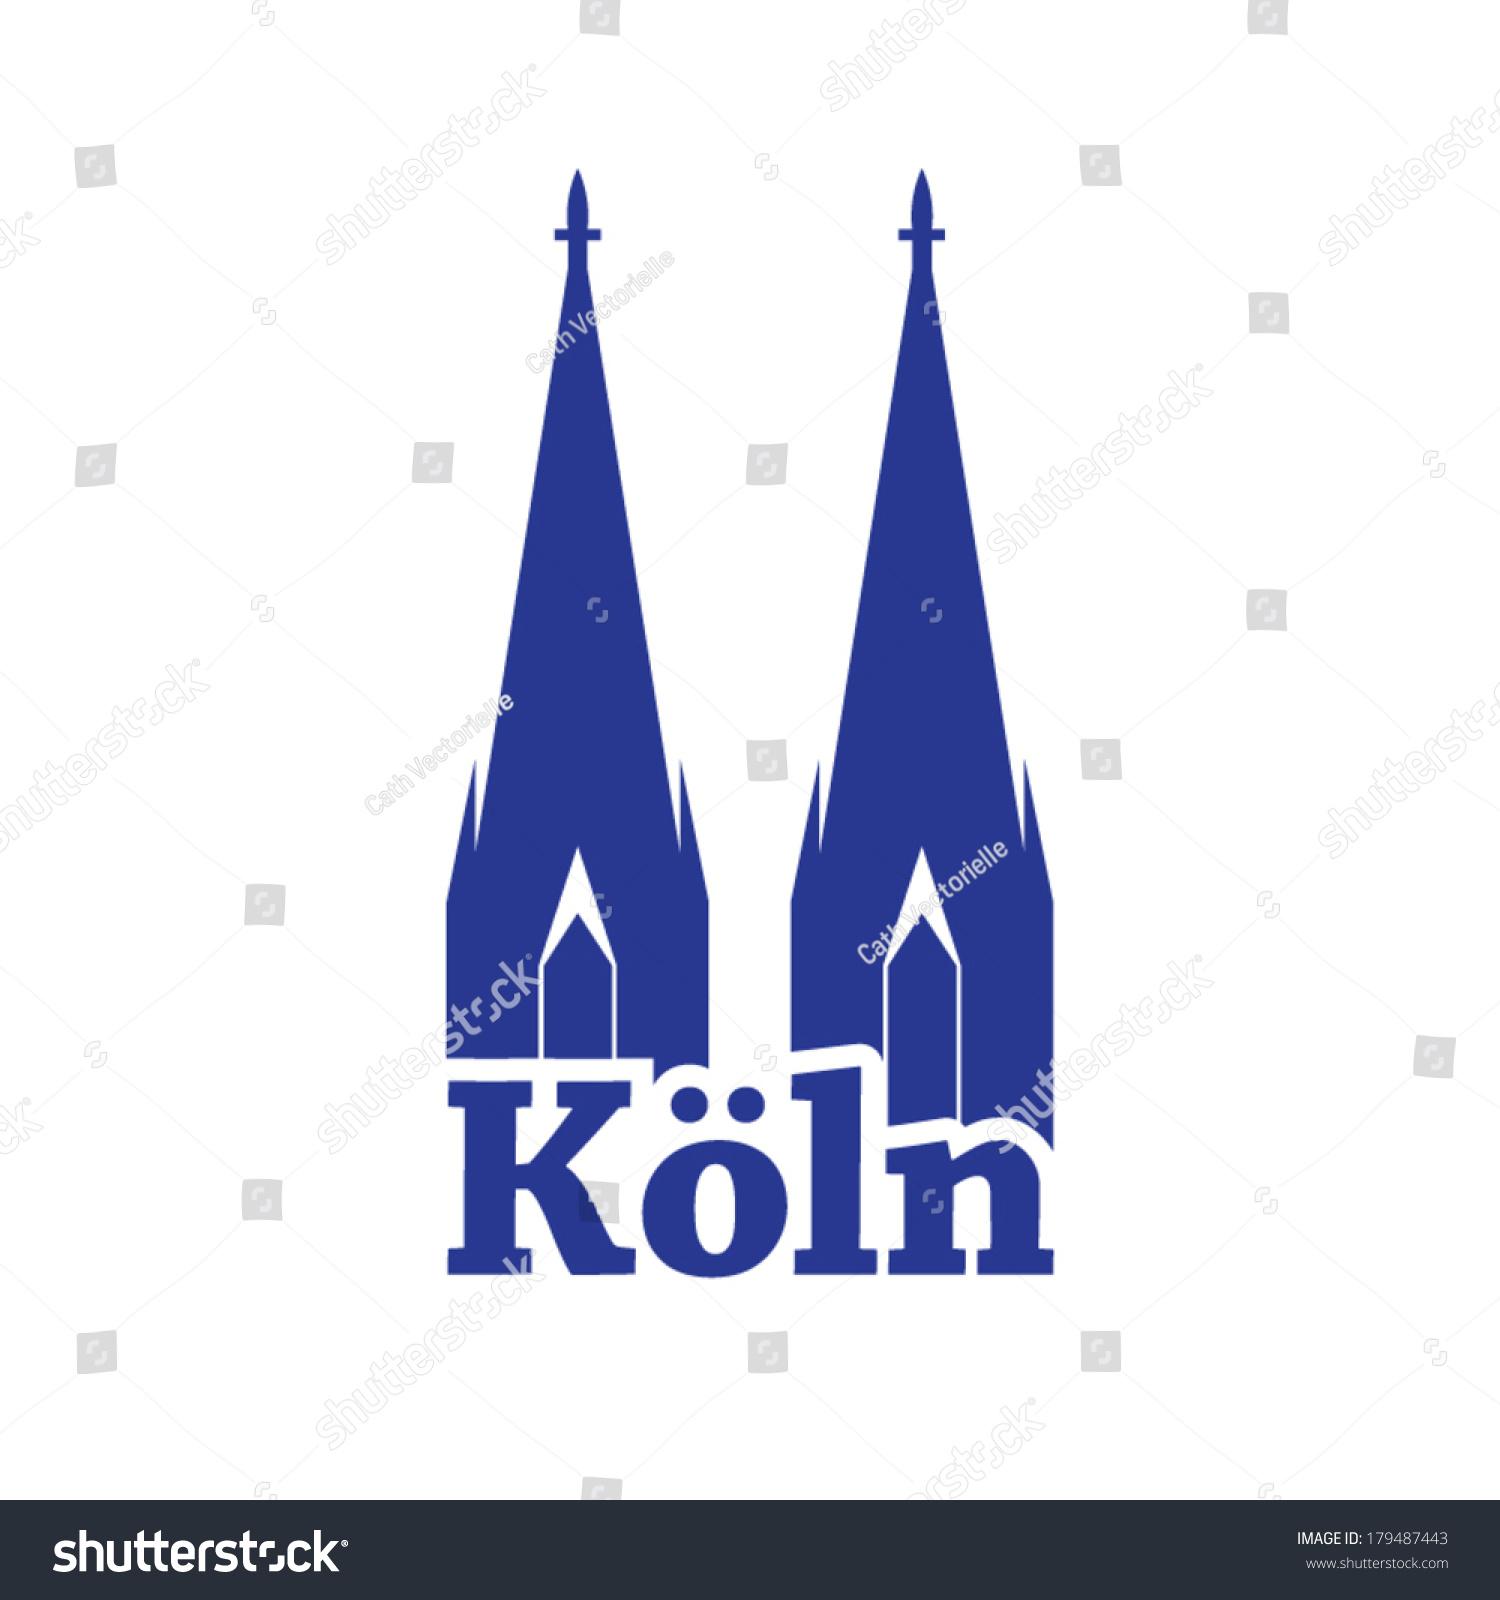 旅行图标代表欧洲德国科隆-建筑物/地标,符号/标志-()